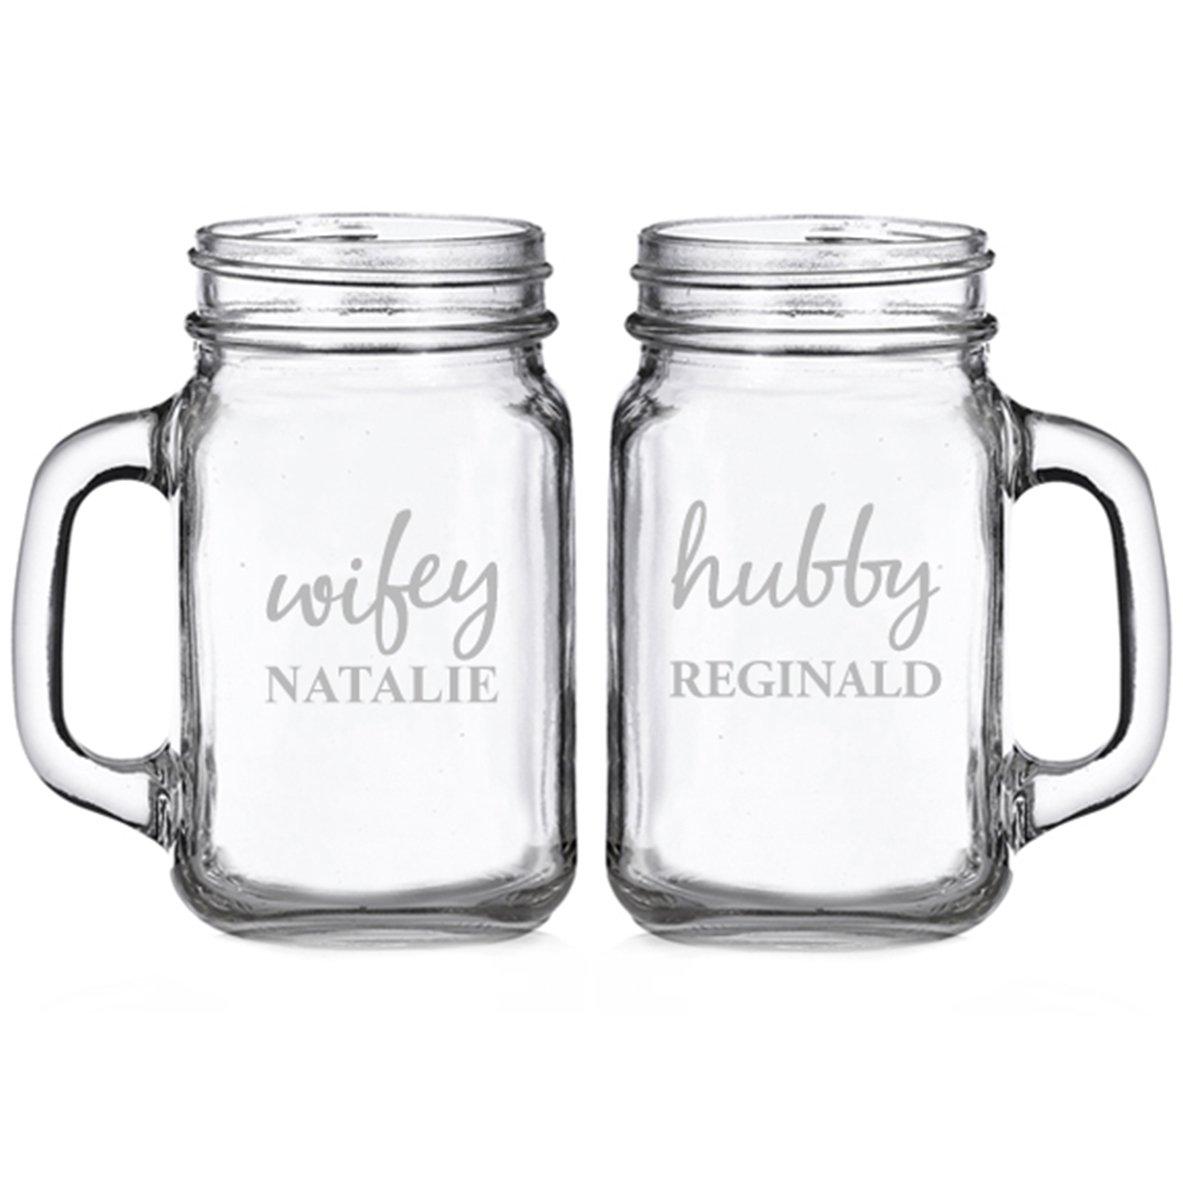 Wifey and Hubby Personalized Glass Mason Mugs (set of 2)